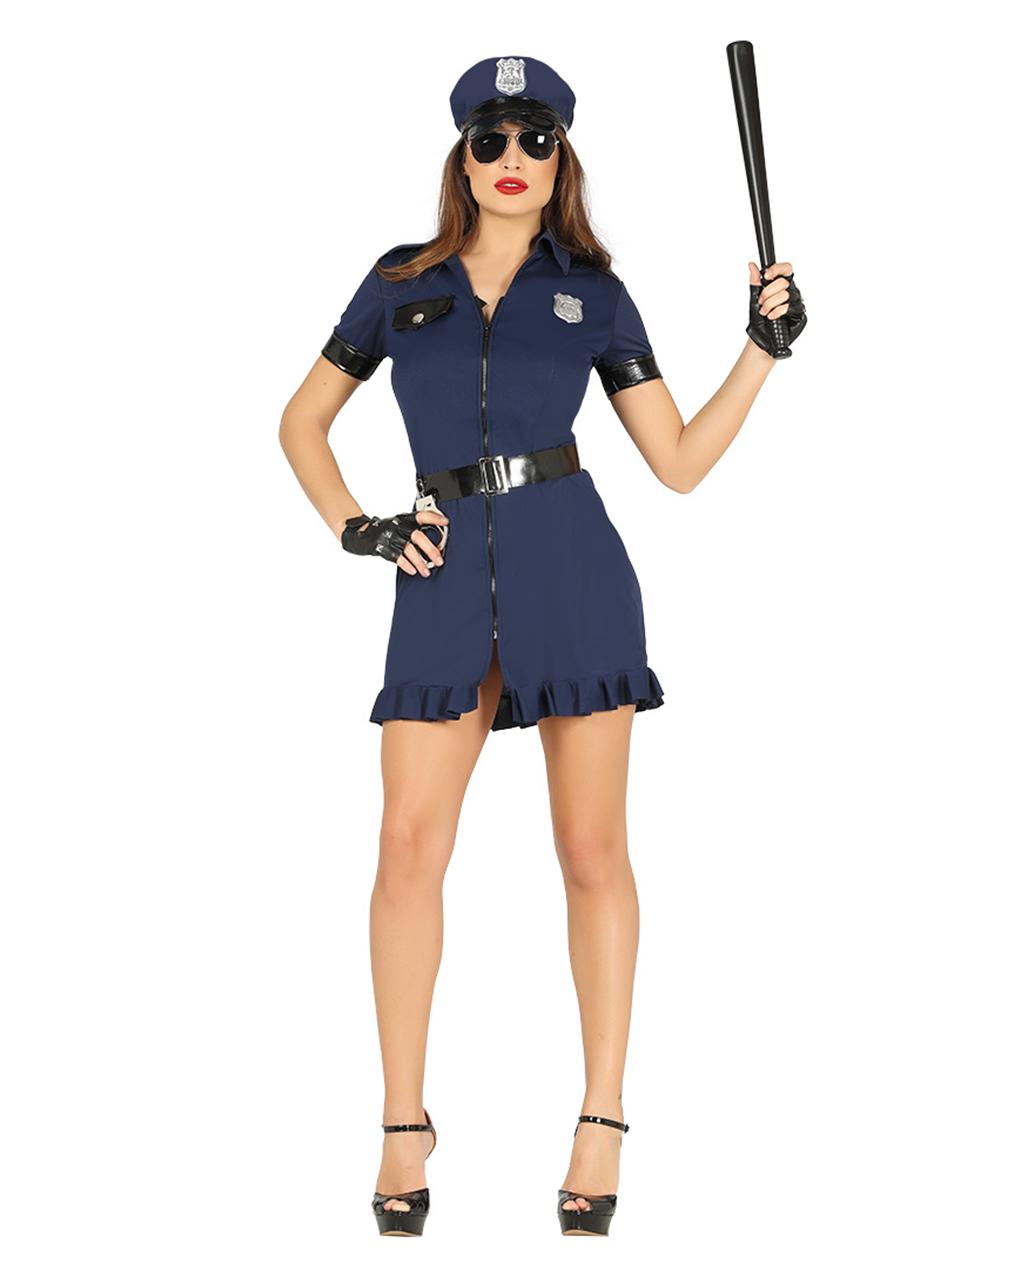 Damen-Kostüm Police Girl schwarz Polizei Polizistin Polizistinnenkostüm